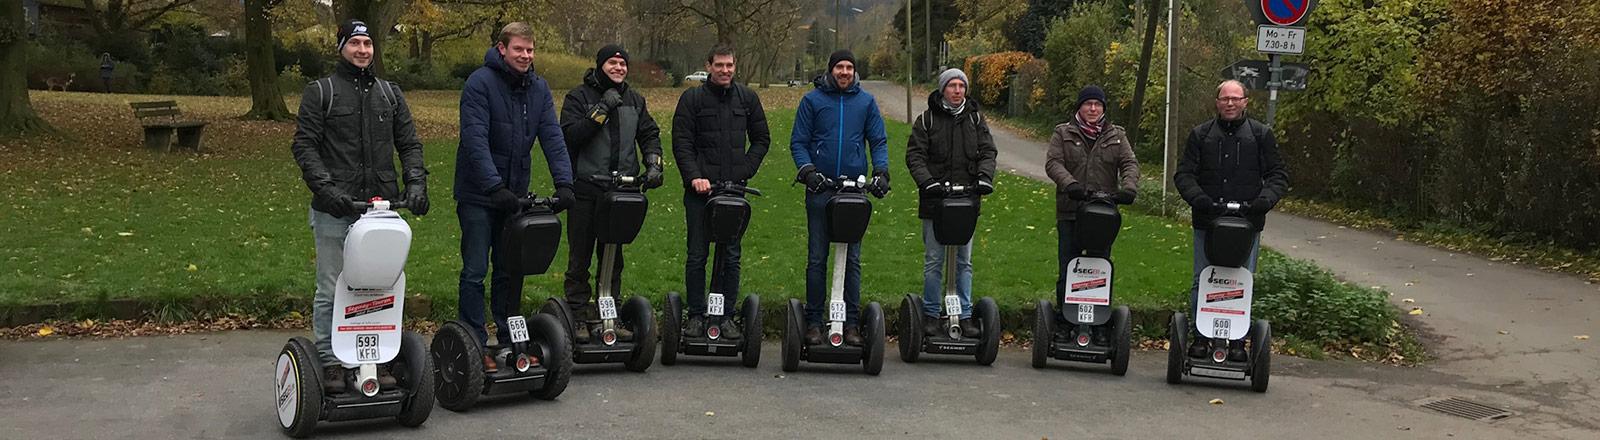 Gruppen Tour fahren Segway